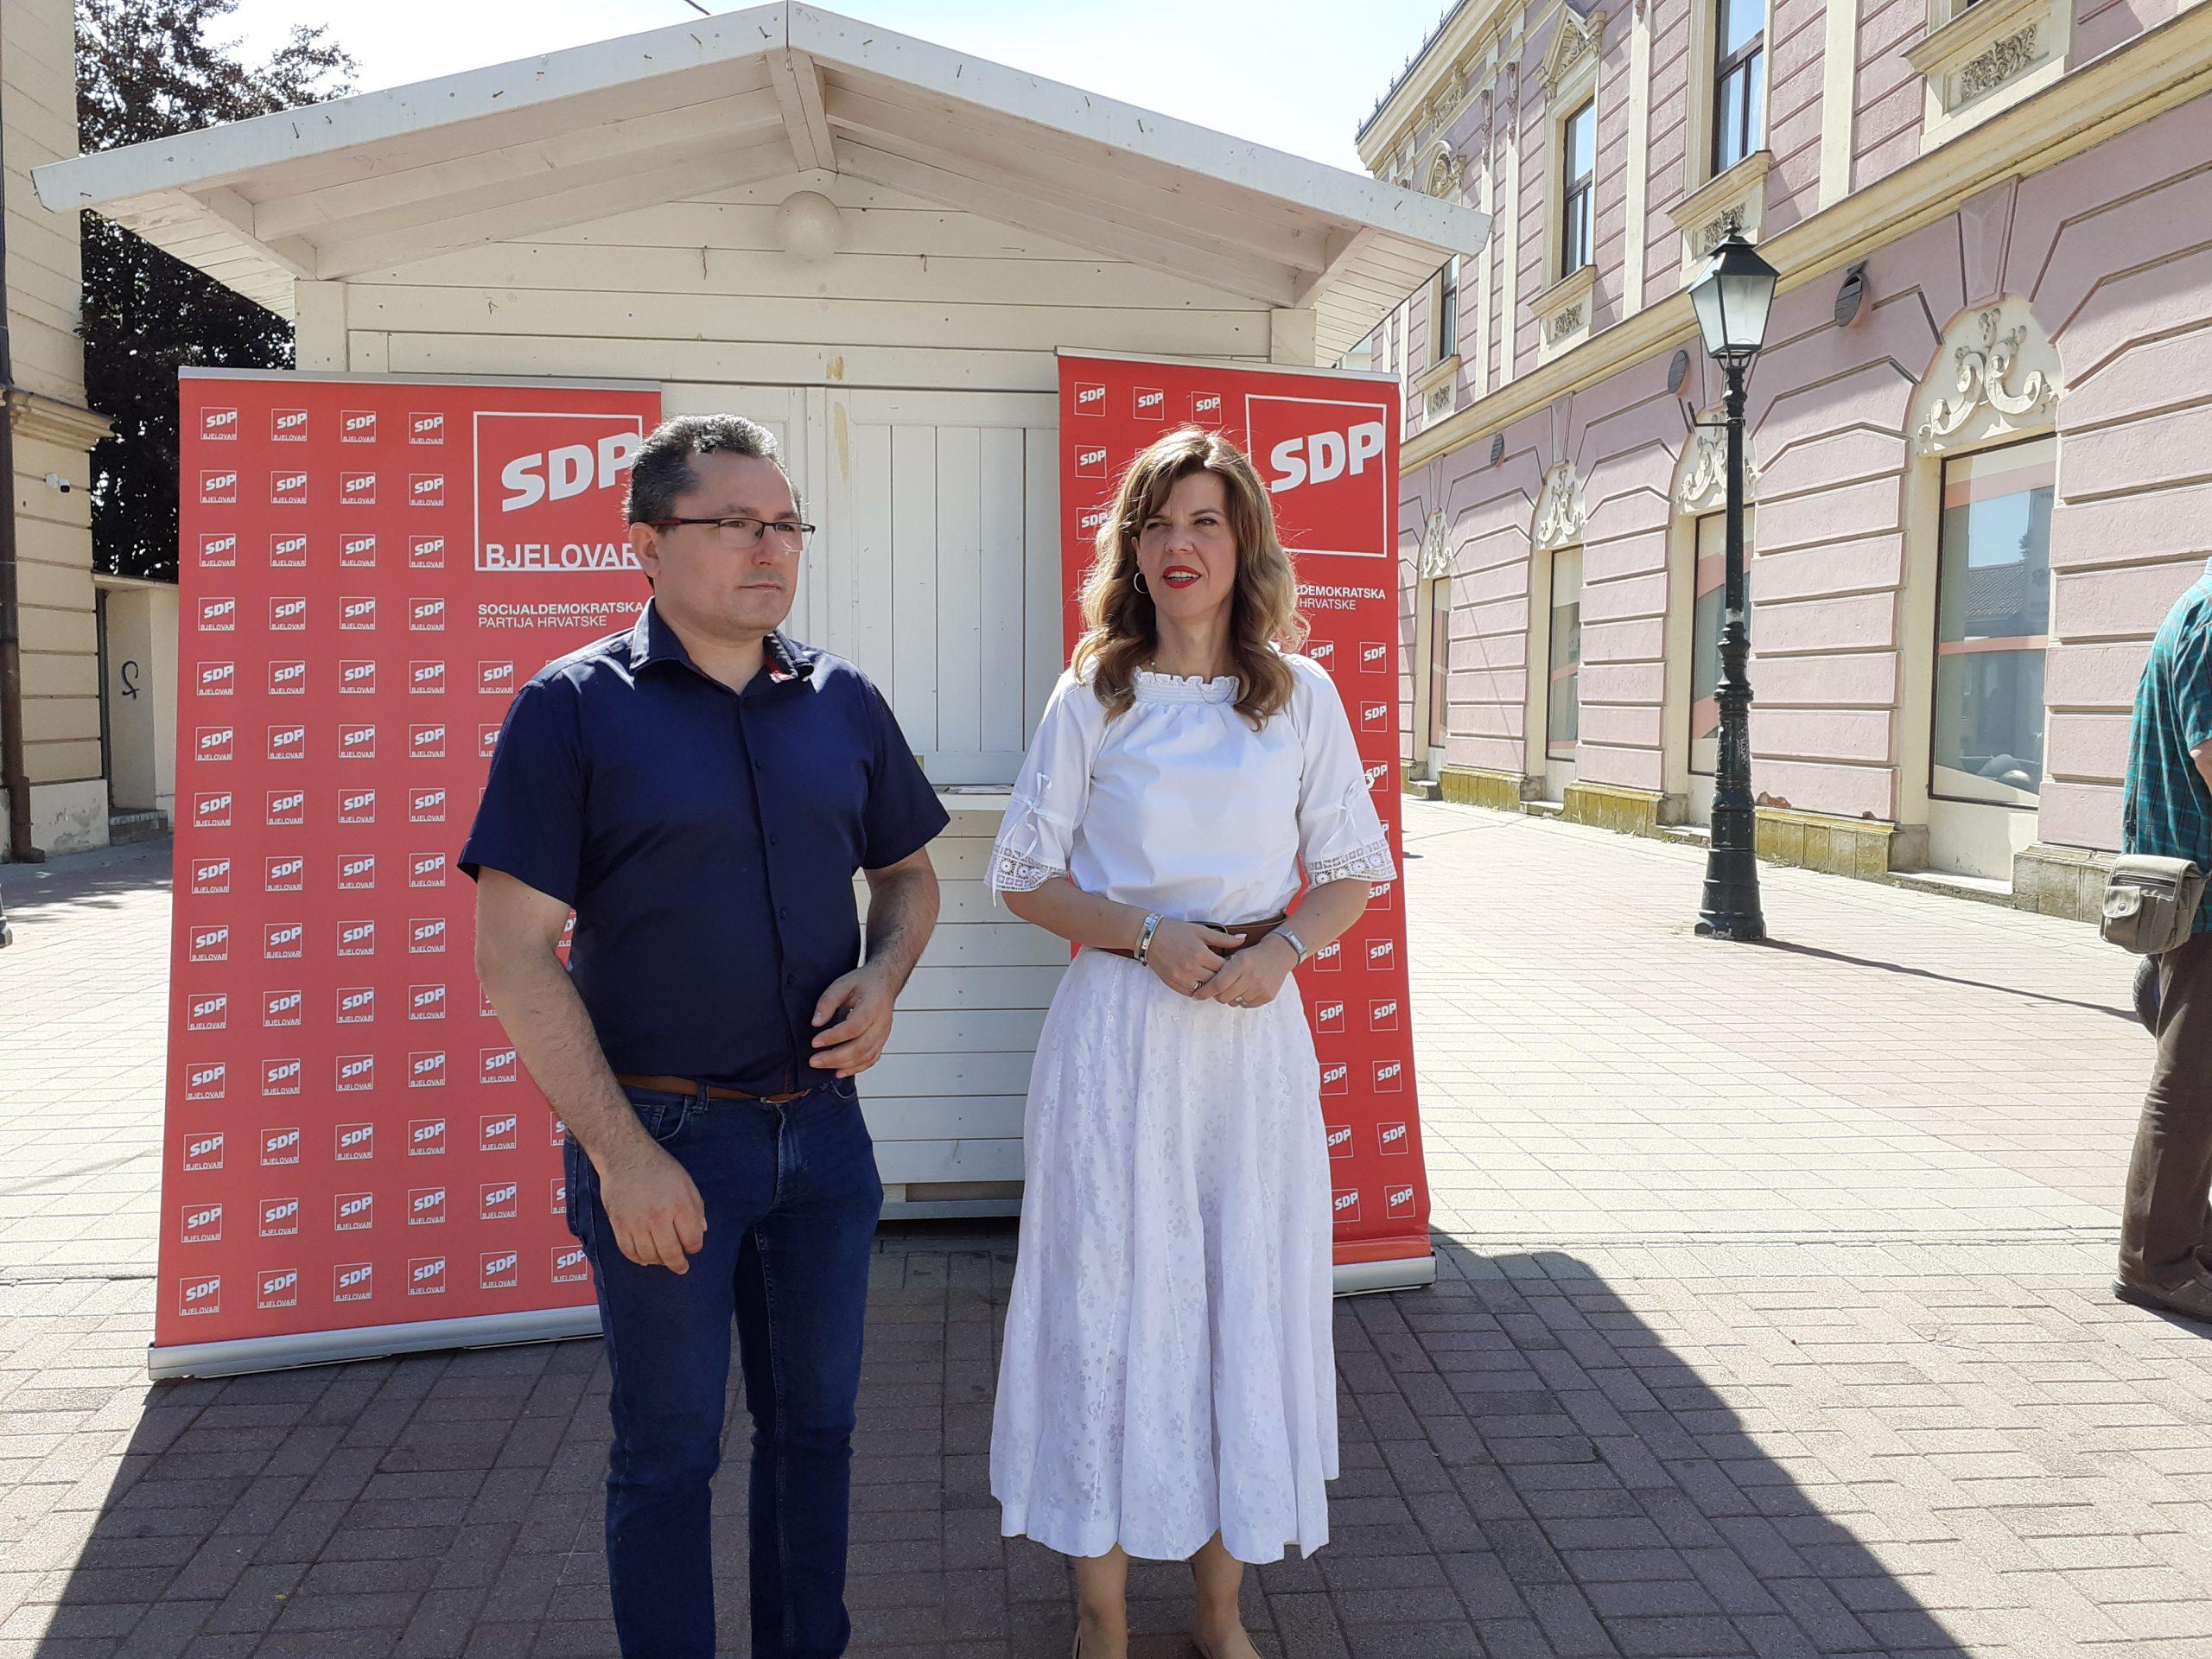 IZNENADNA PODRŠKA Jaića podržale tri visokopozicionirane političarke